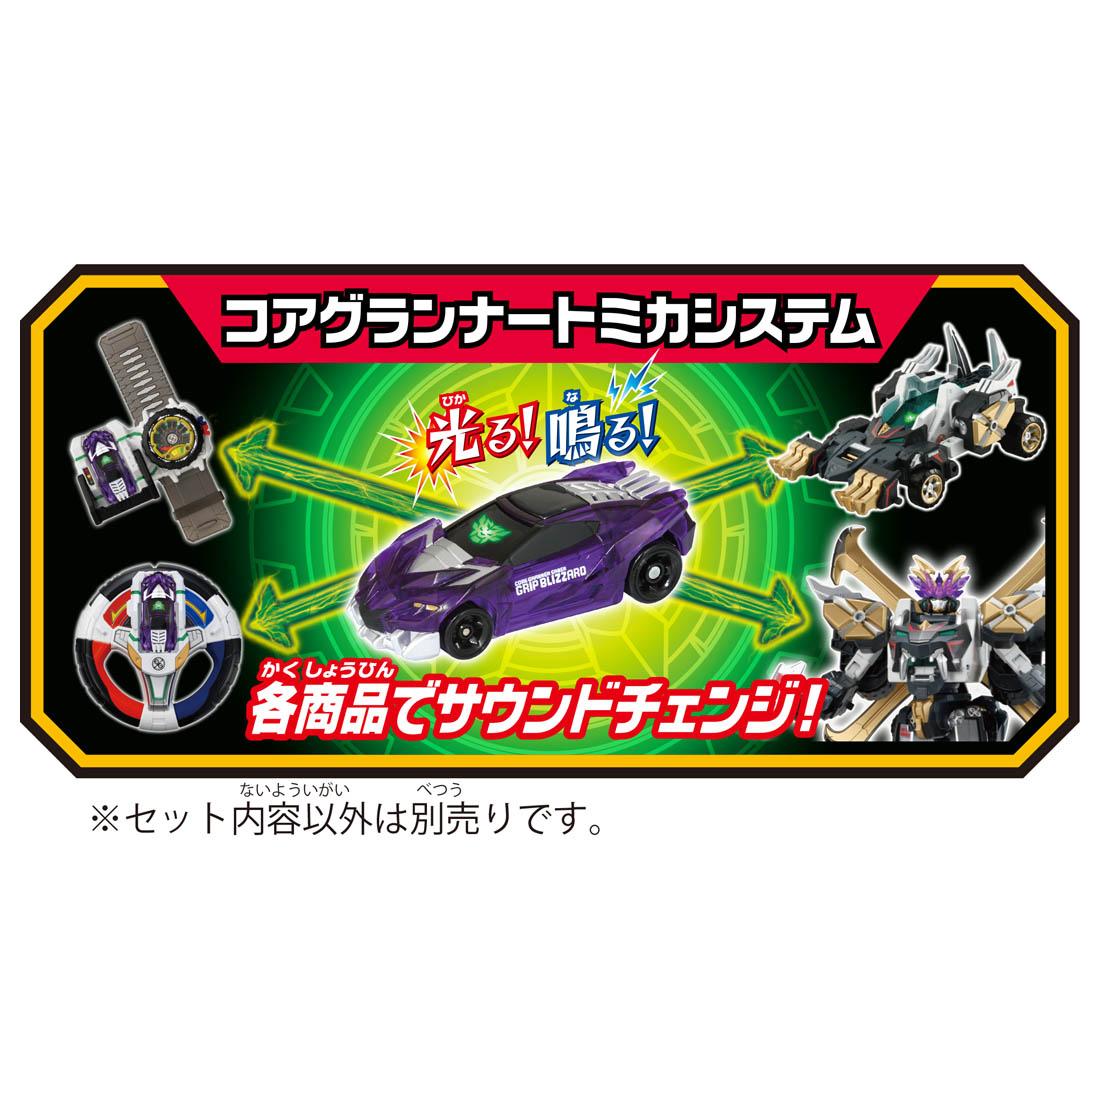 トミカ絆合体 アースグランナー『EG04 アースグランナーバッファゲータ』可変合体フィギュア-018